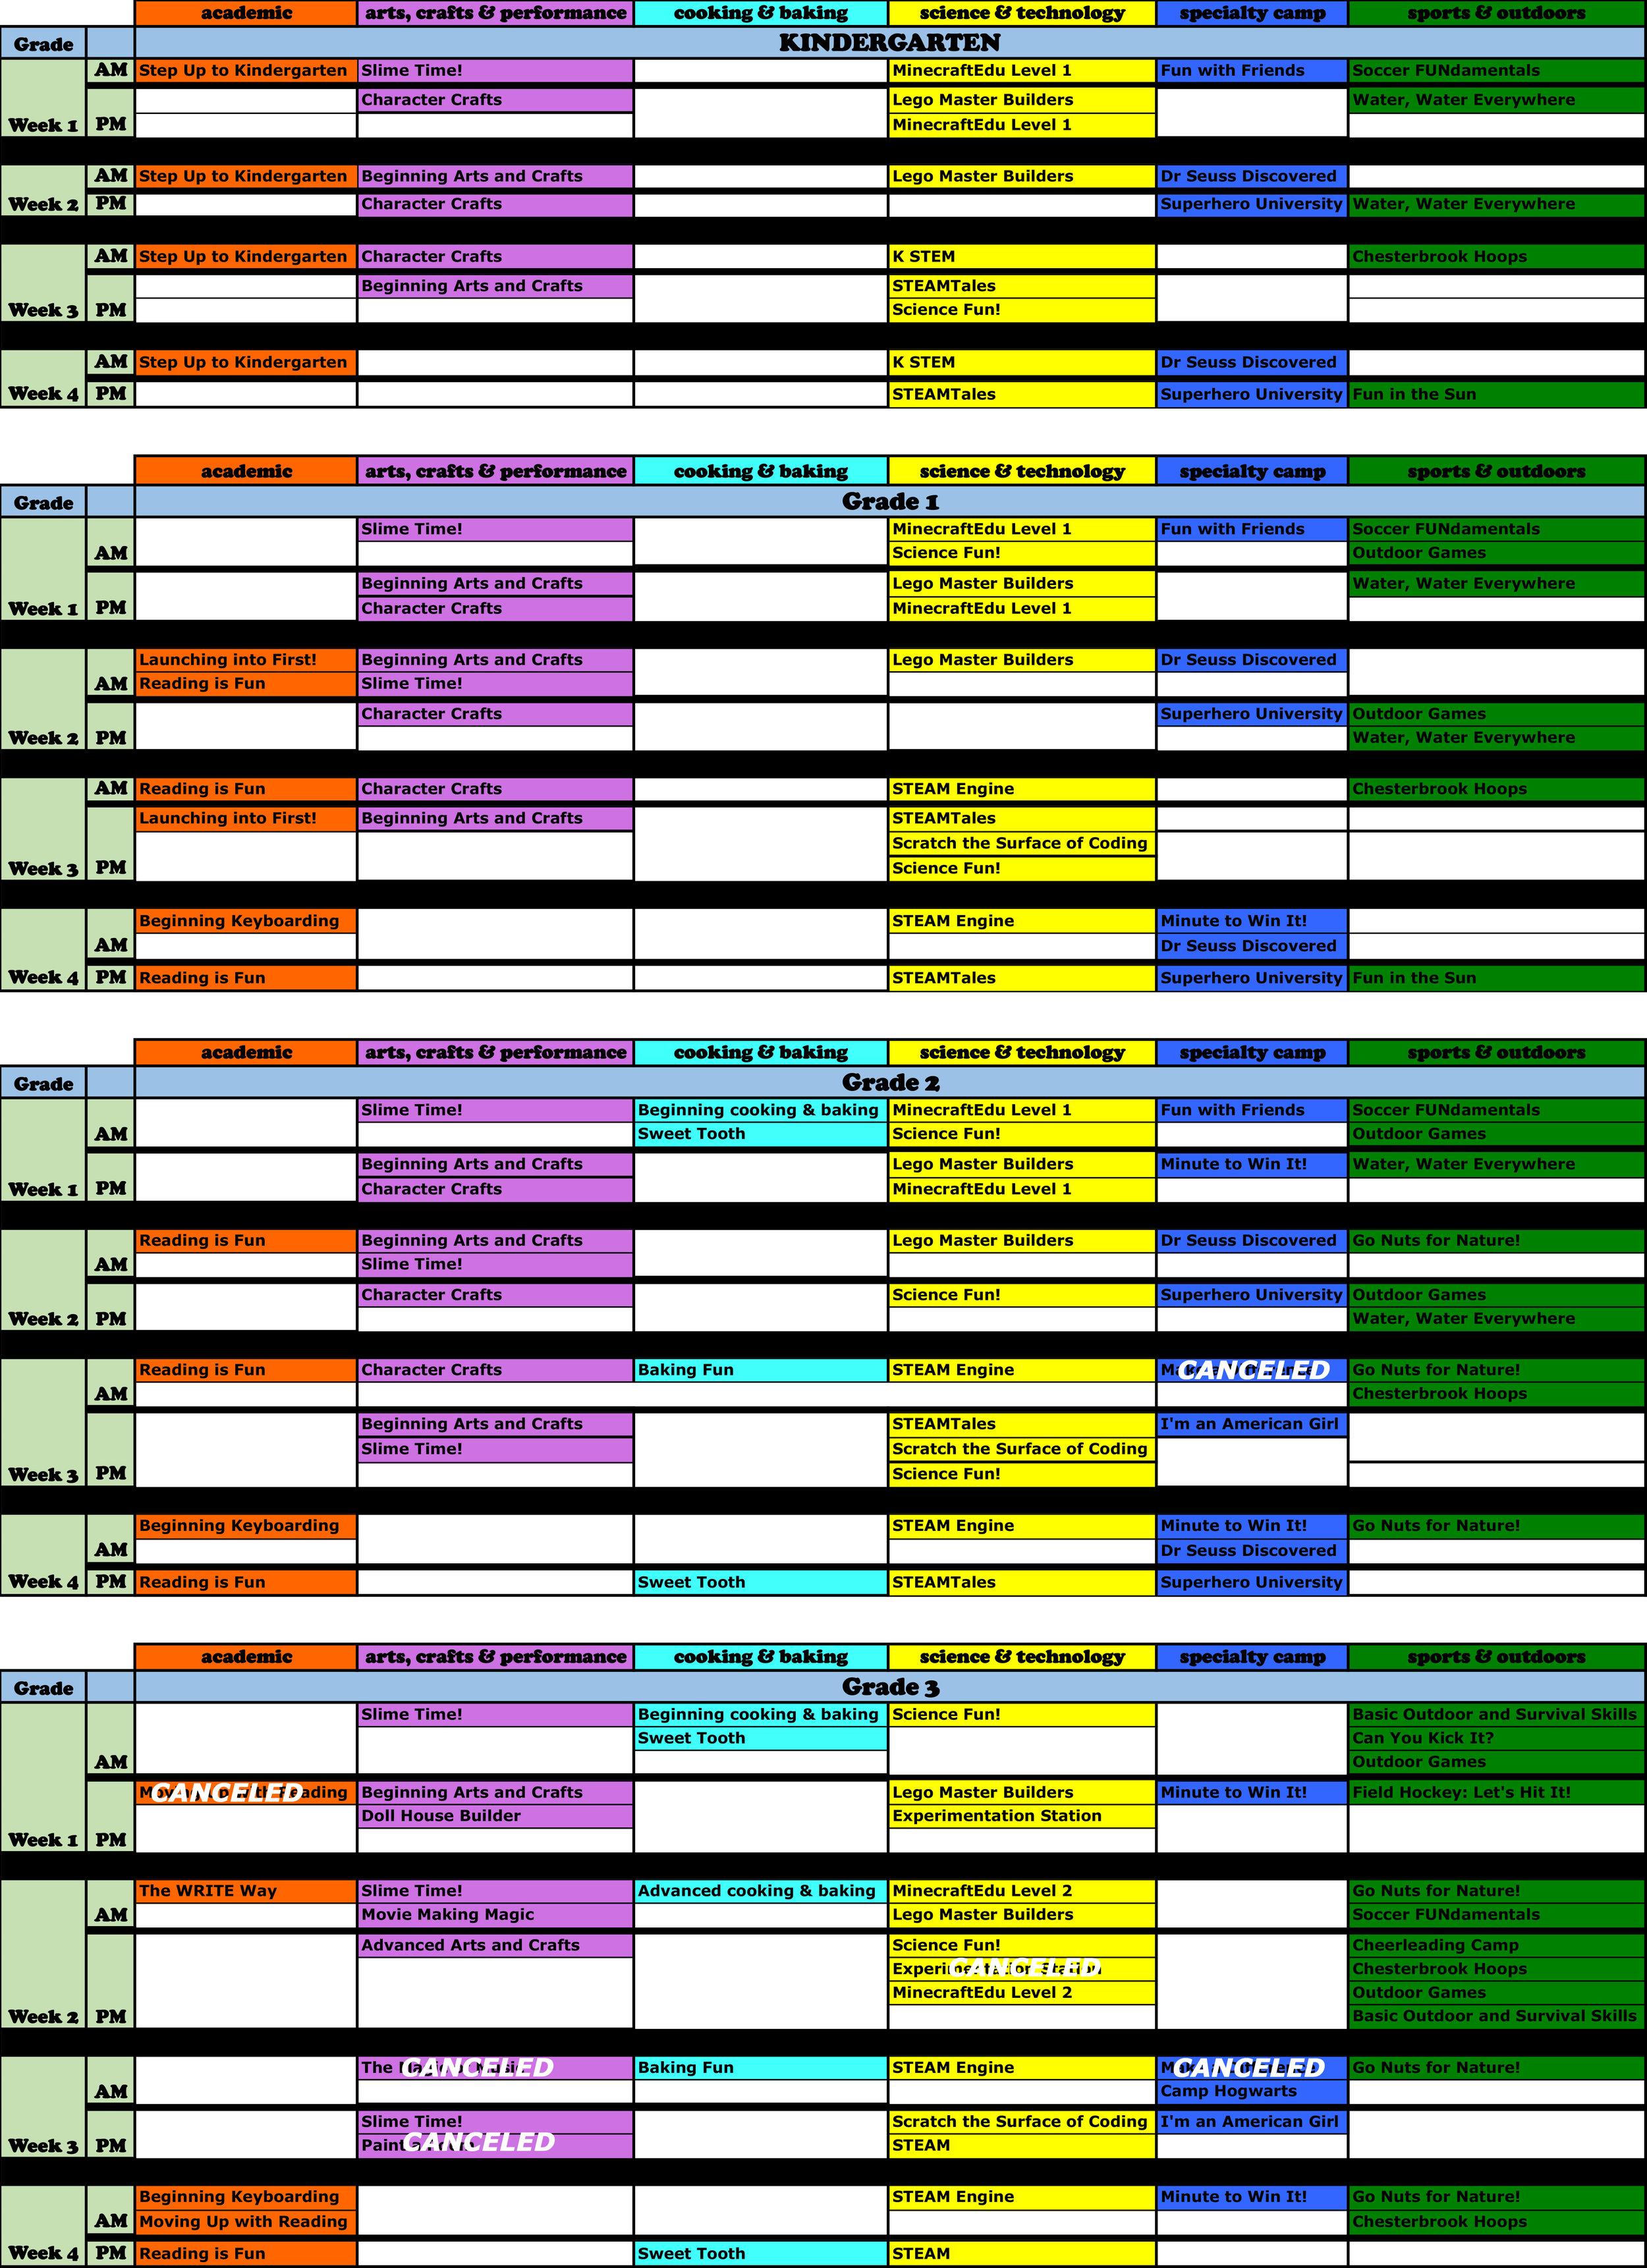 sq19 grid kto3 update0412.jpg